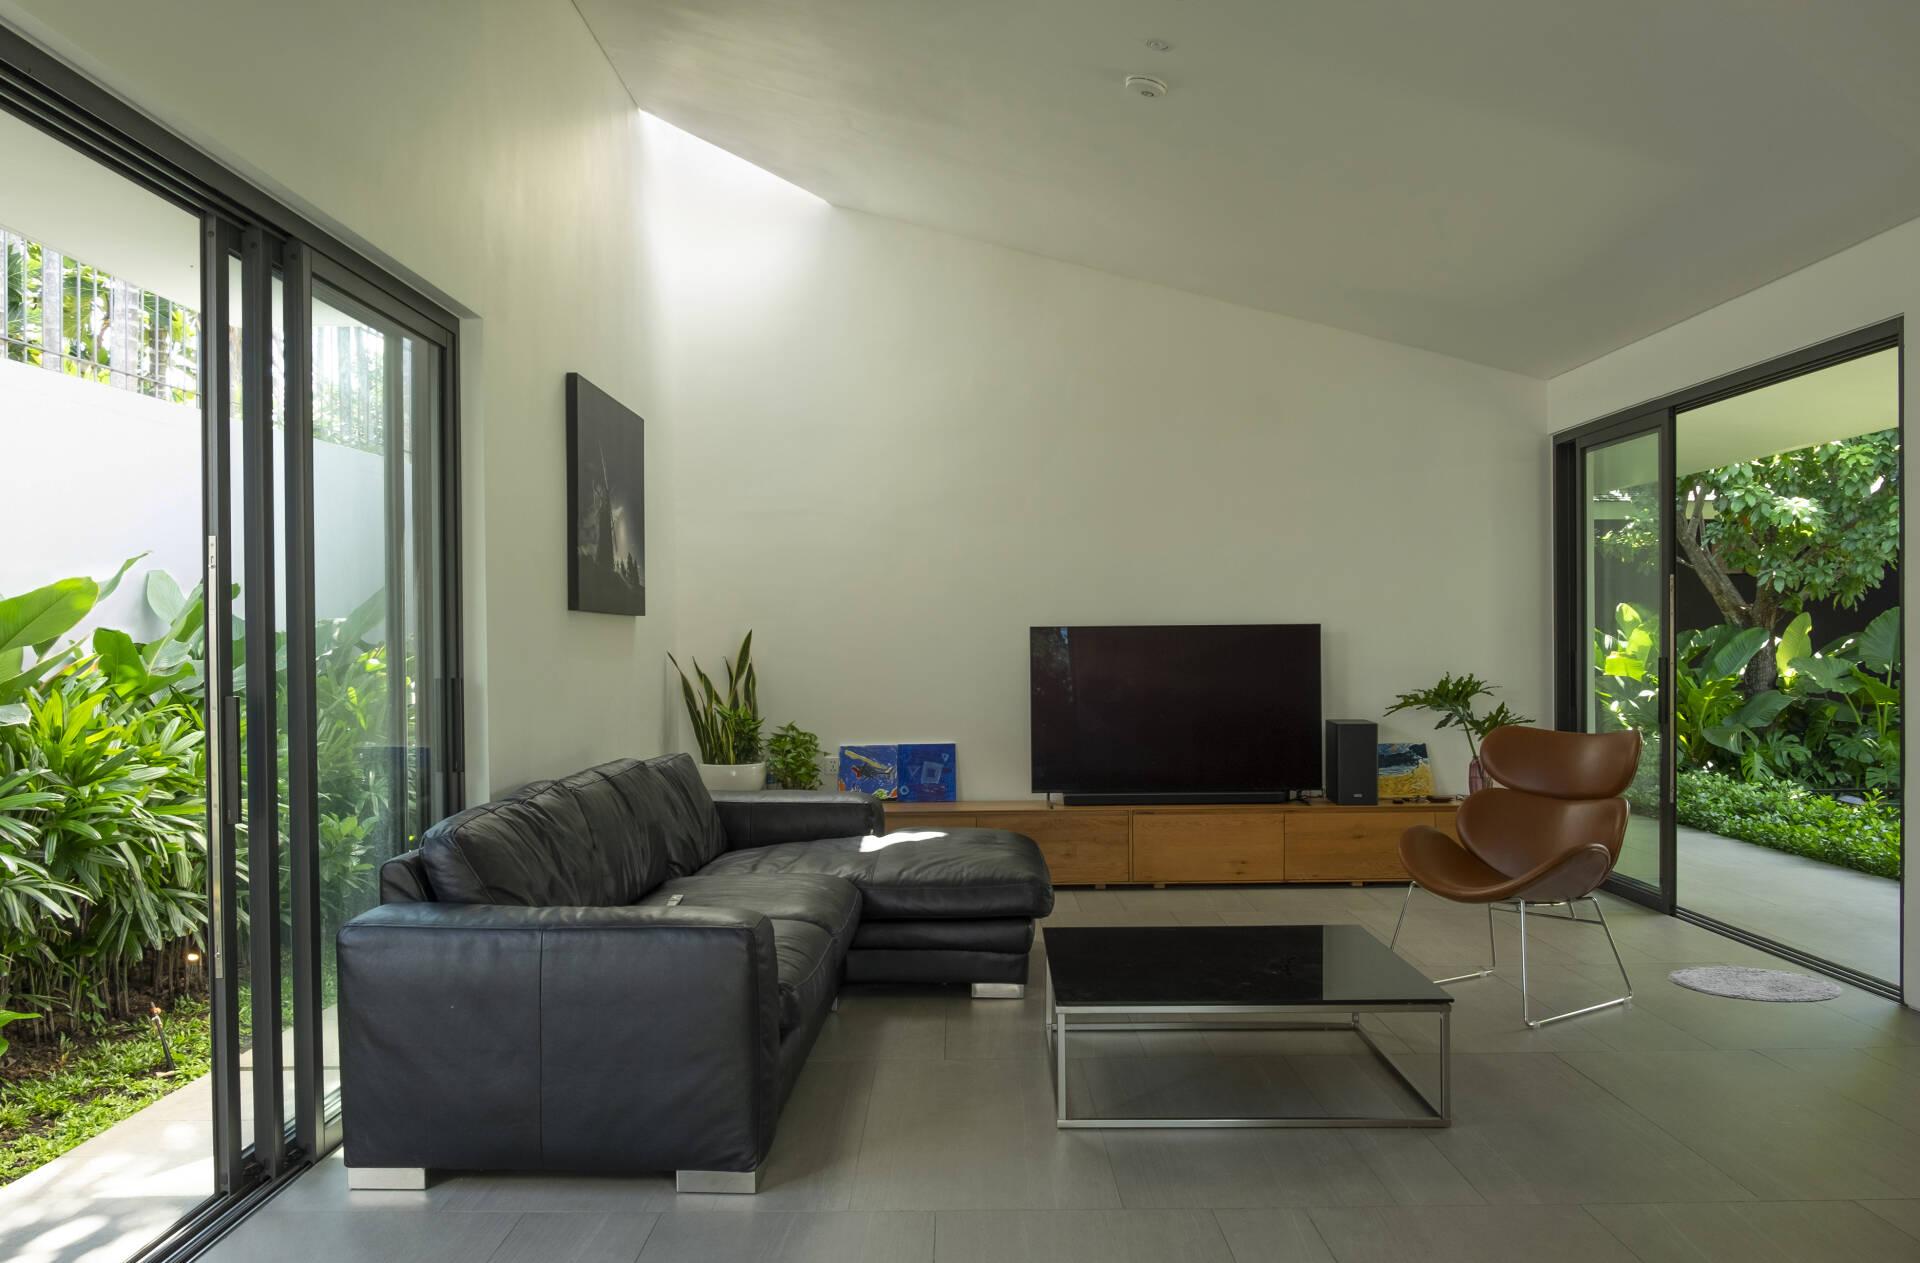 Phòng khách với thiết kế đơn giản, hiện đại, sở hữu không gian thông thoáng nhờ hai khoảng sân vườn trước.